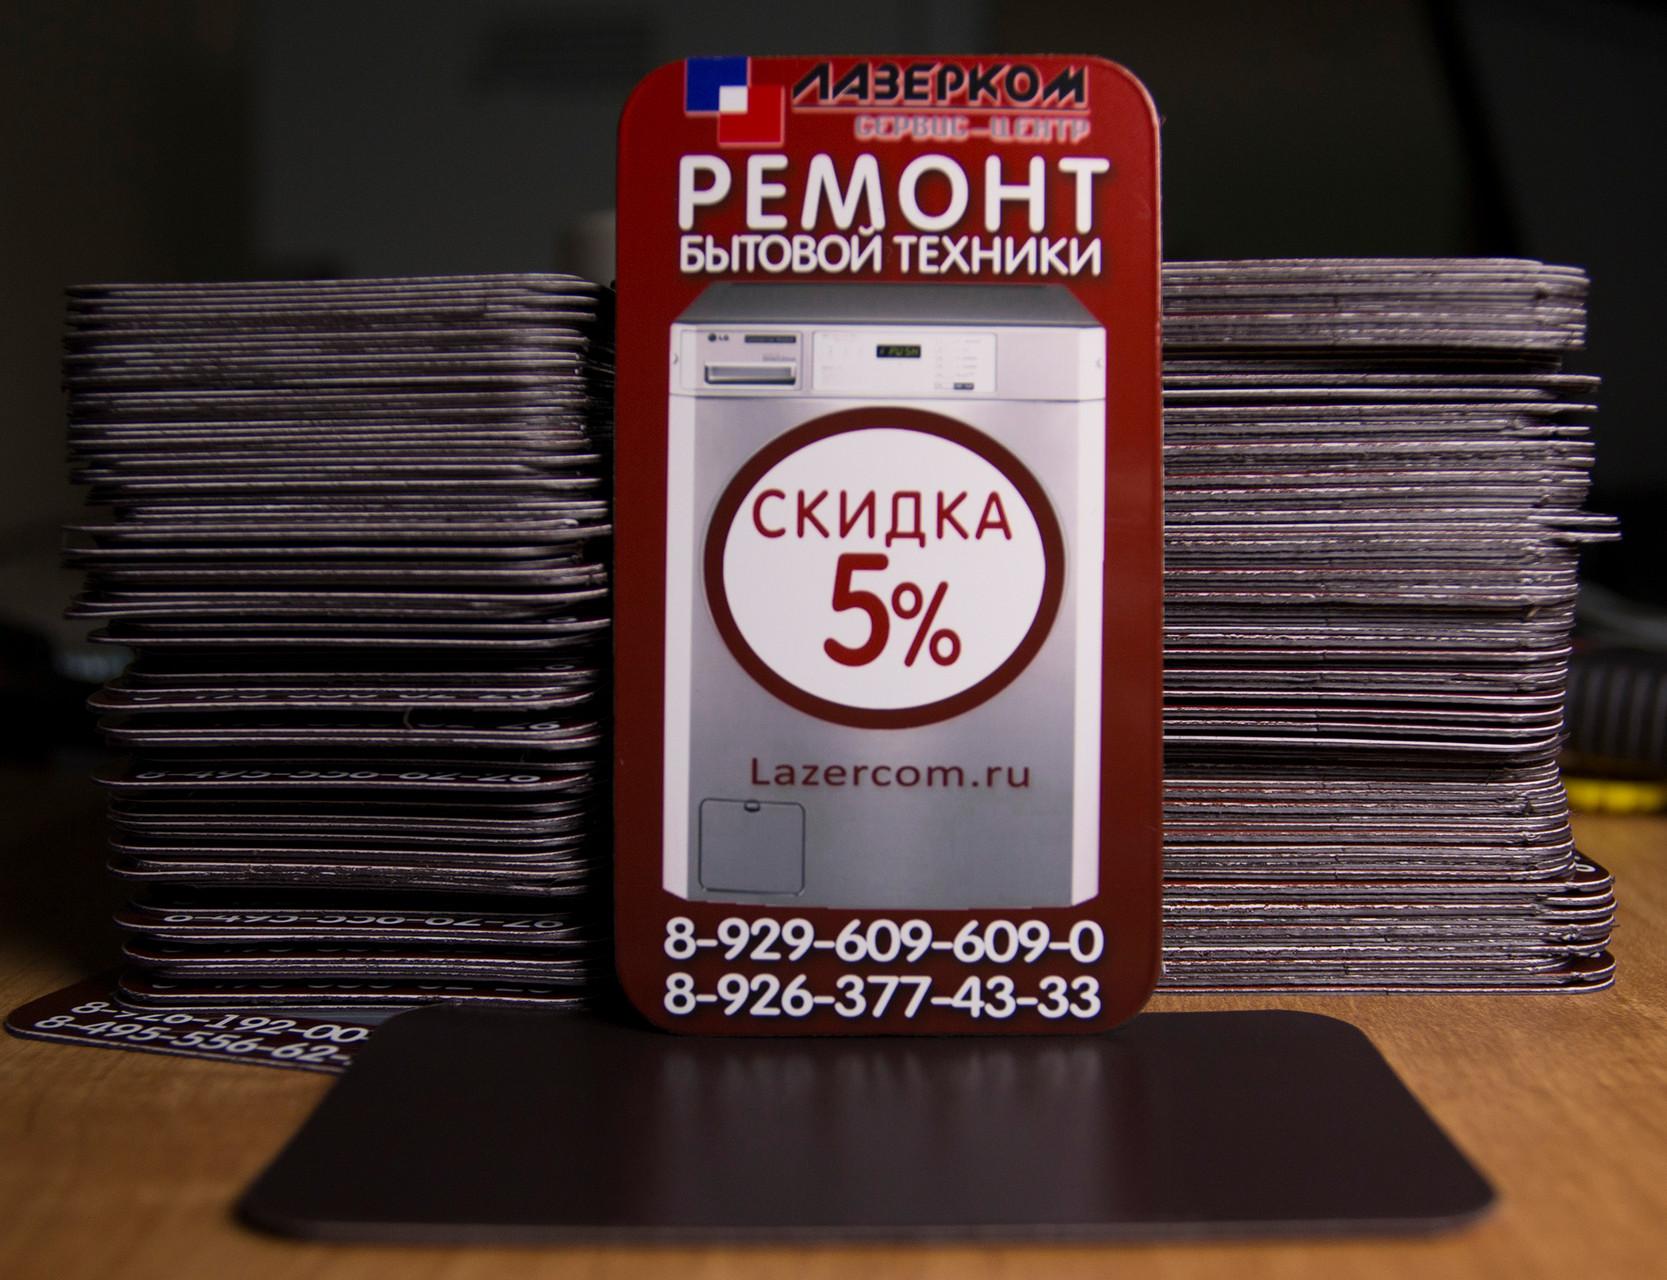 Печать и изготовление магнитных визиток в Москве   фото 3